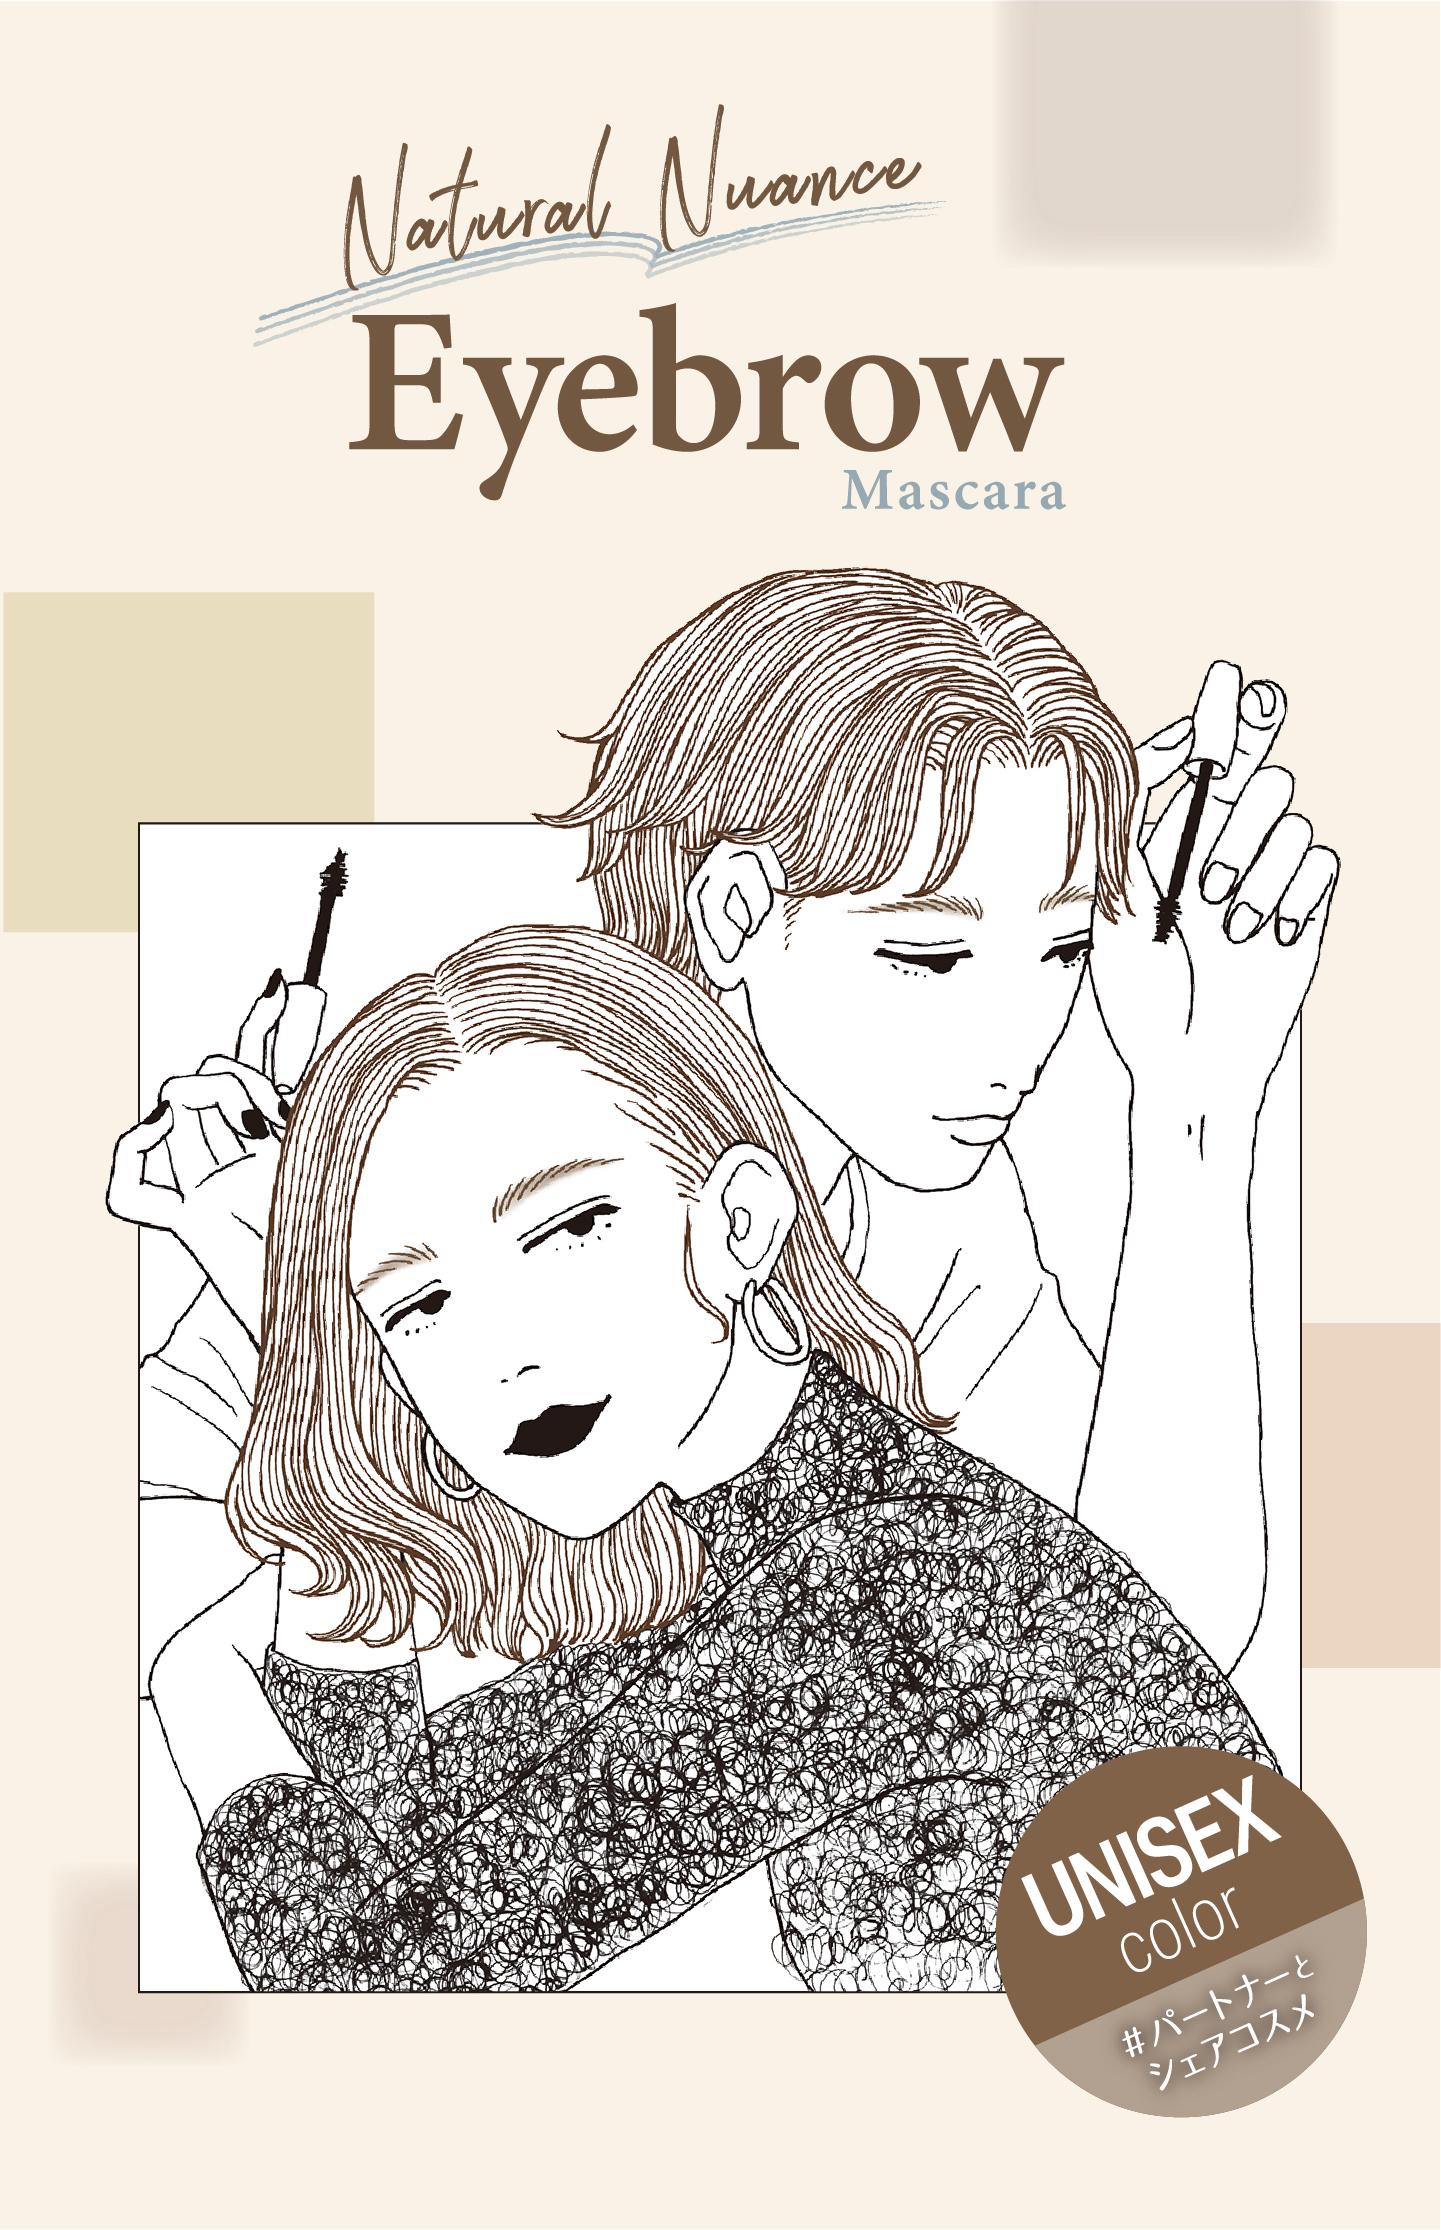 Natural Nuance Eyebrow Mascara